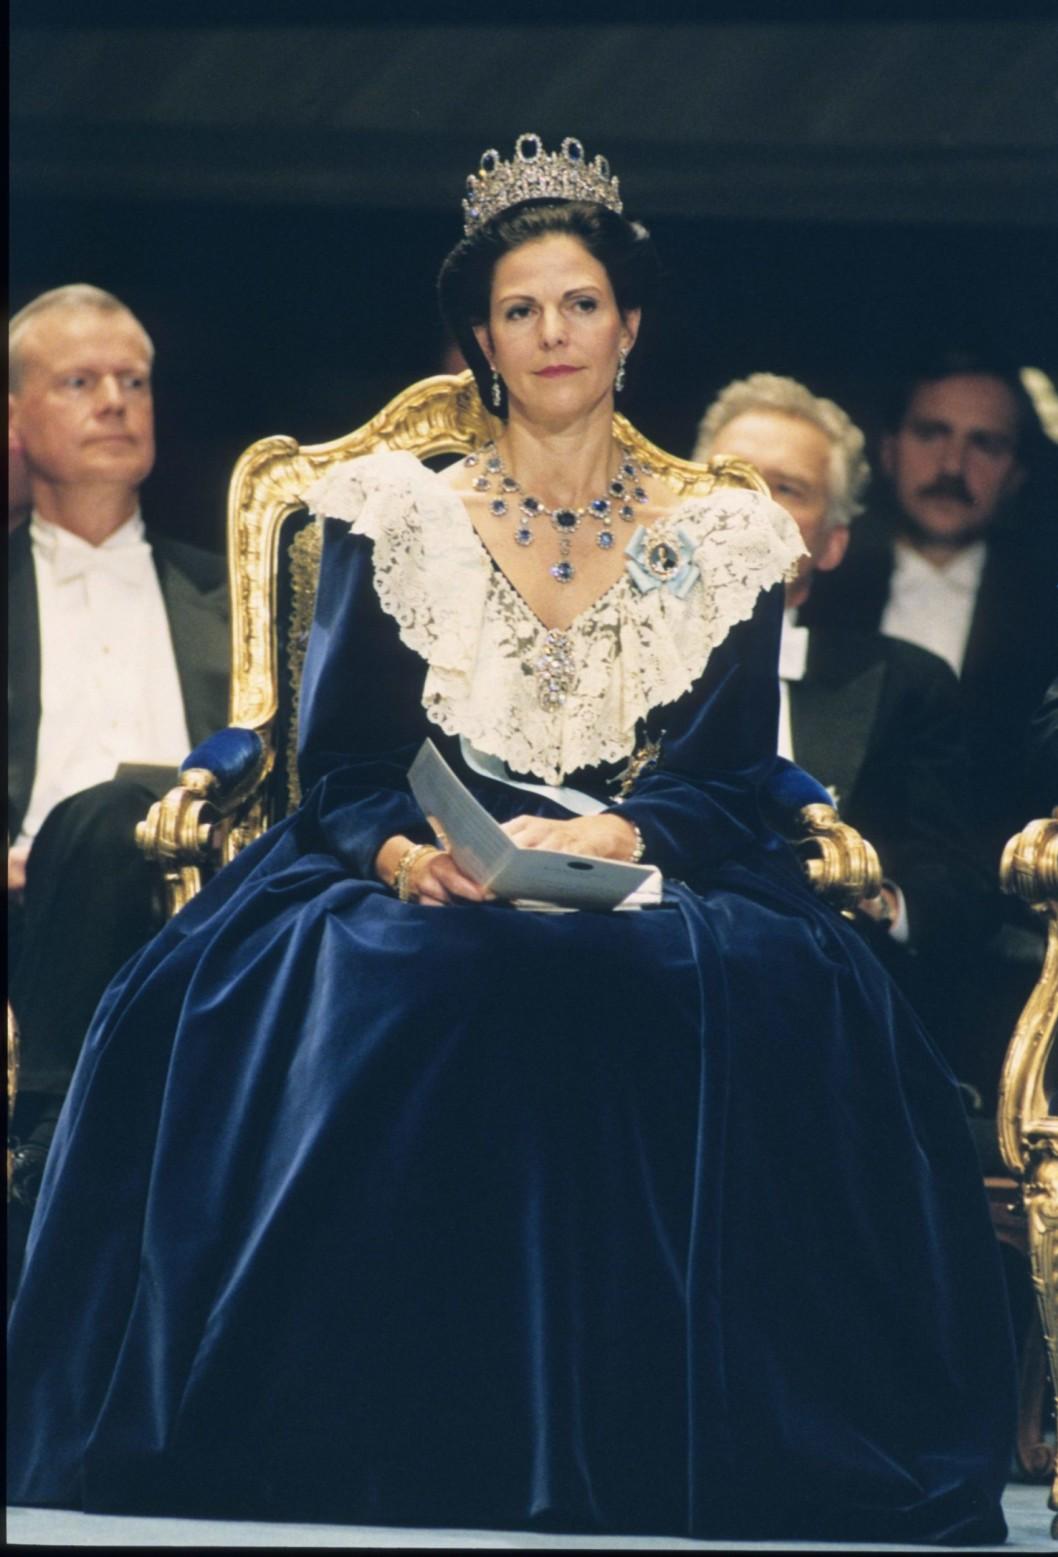 """1990 г - ателье Feliсitas в Стокгольме создало это бархатное платье приглушённого синего цвета, с брюссельскими кружевами и длинным рукавом - королева выбрала модель по причине ухода из жизни её отца в этом году. Тяжёлый бархат и ощущение """"викторианской """" эпохи..."""